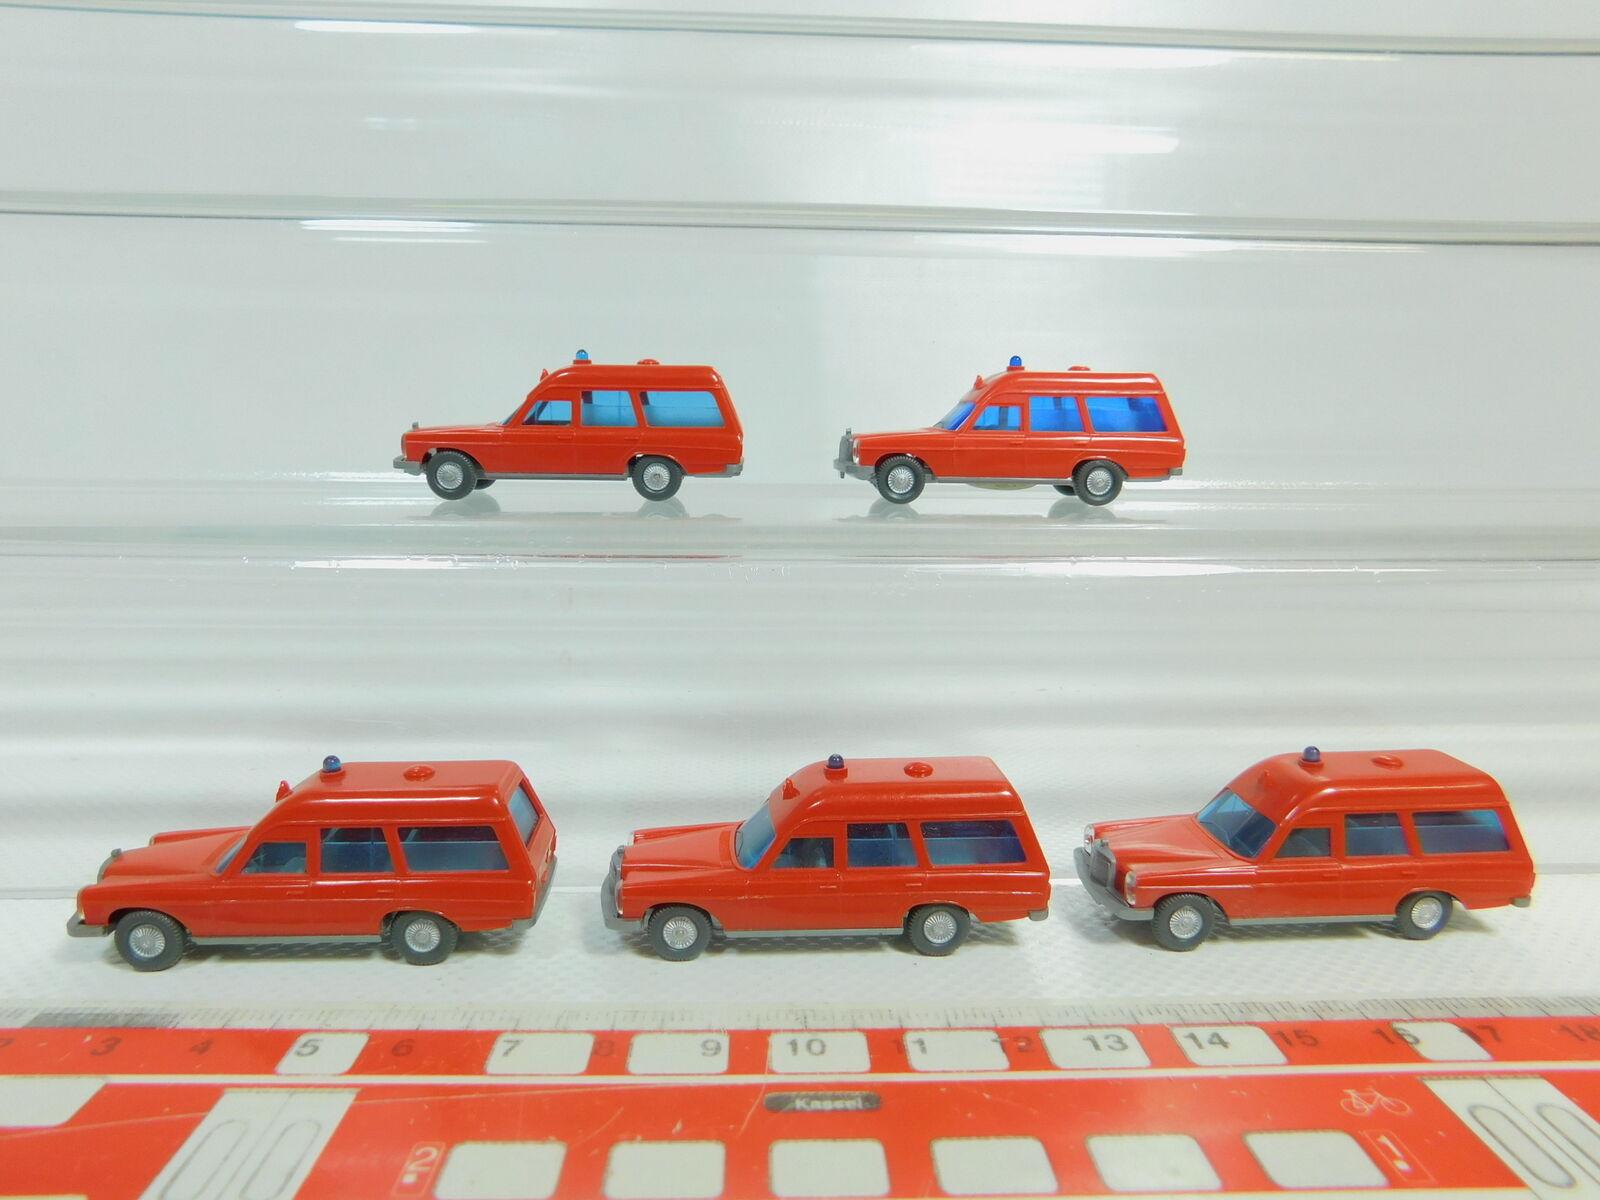 BO547-0,5 x Wiking H0 1 87 607 Ambulanza Mercedes     MB 200 Fw   Pompieri, S.G b974b1